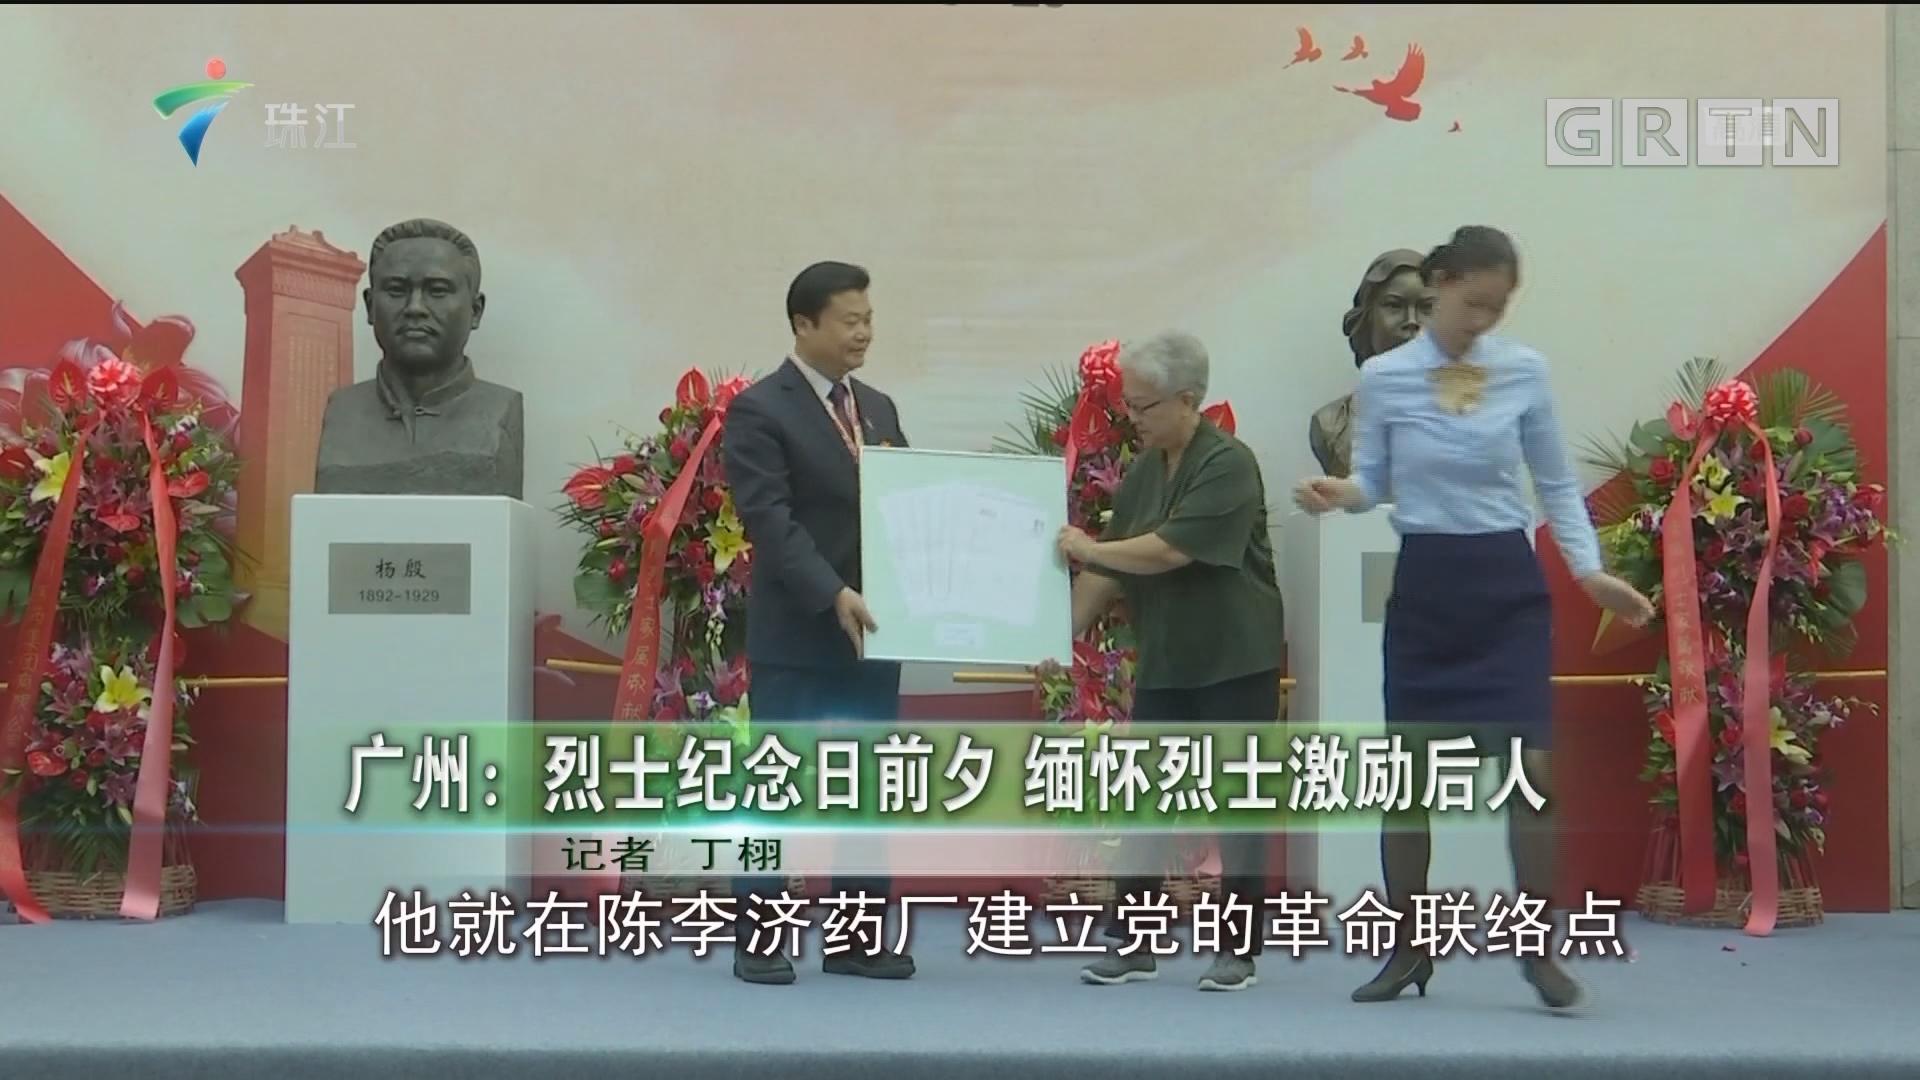 广州:烈士纪念日前夕 缅怀烈士激励后人